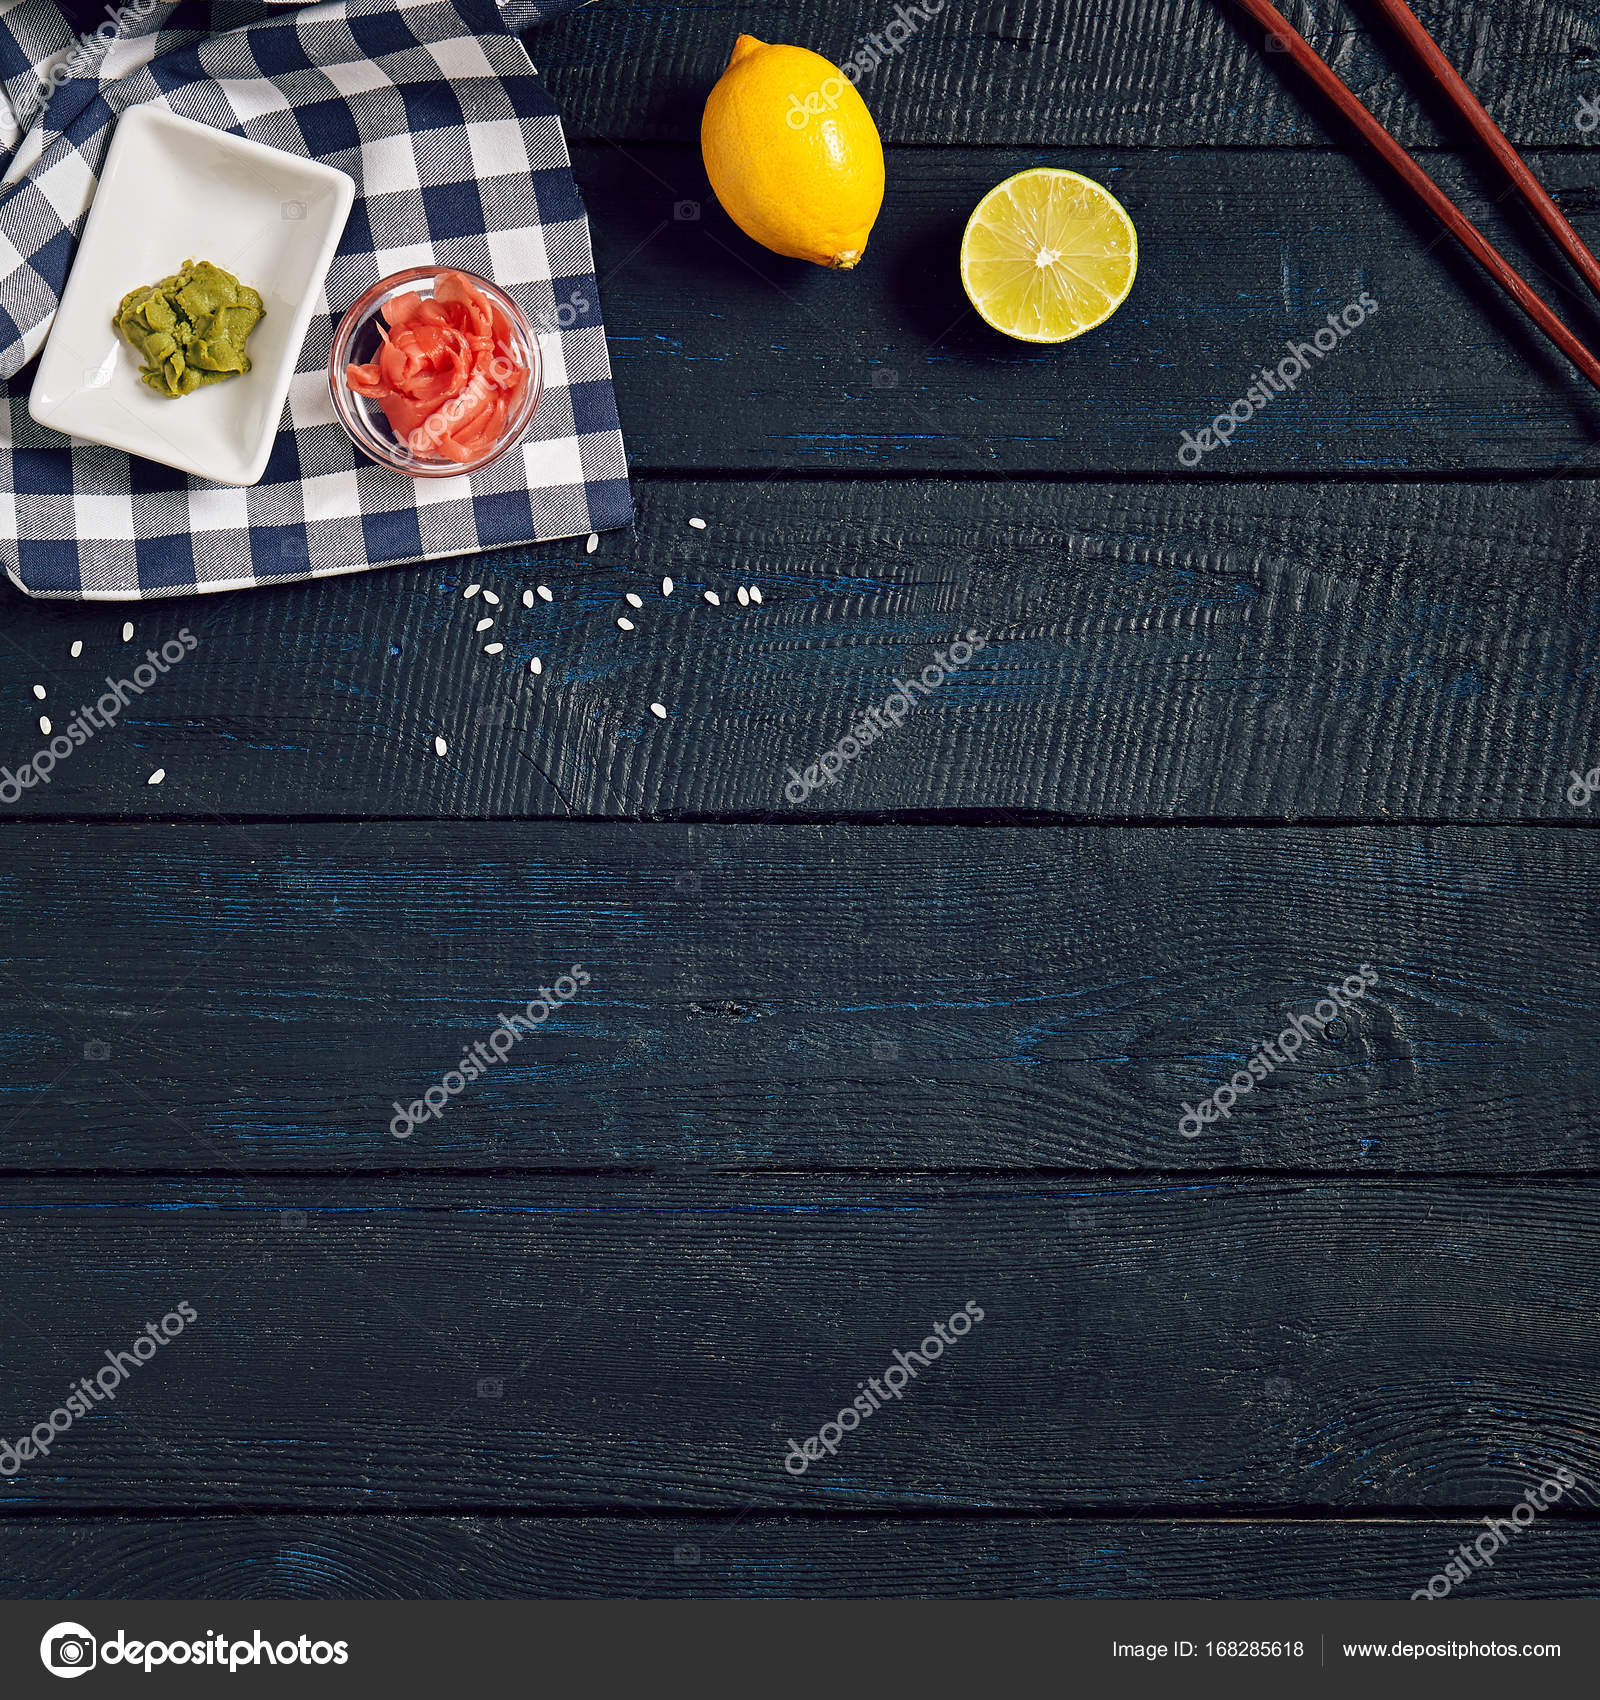 Japanese table setup u2014 Stock Photo & Japanese table setup u2014 Stock Photo © ryzhkov86 #168285618